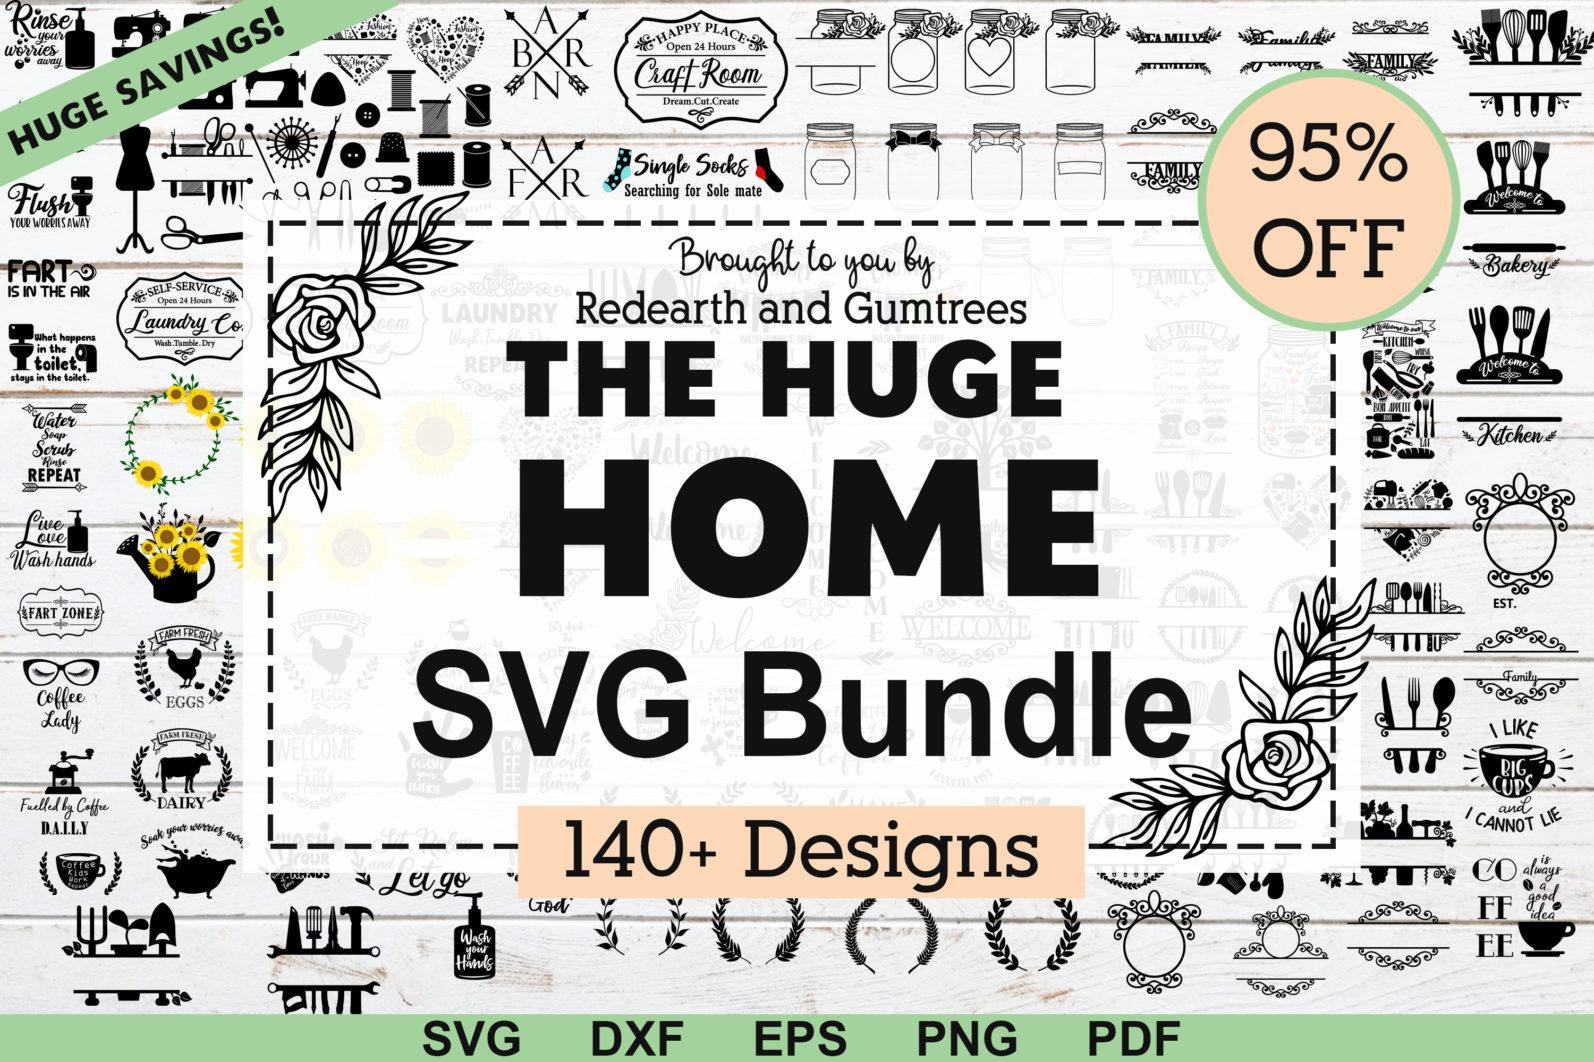 The Mega SVG Bundle Design. More than 650 Designs included in SVG,PNG,DXF,PDF,EPS formats - home bundle svg rustic farmhouse bundle rustic kitchen bundle svg family bundle svgmonogram bundle svgkitchen split monogram svgbake svg scaled -